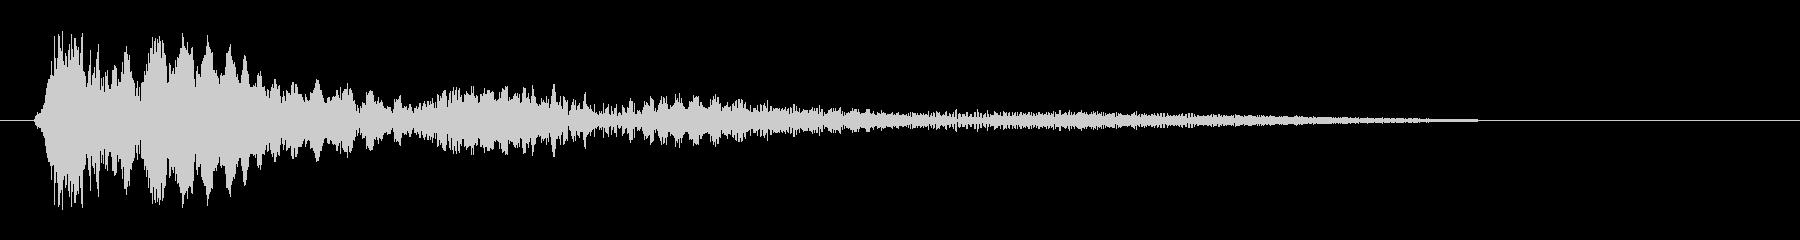 ピチョーン(はねる効果音)の未再生の波形